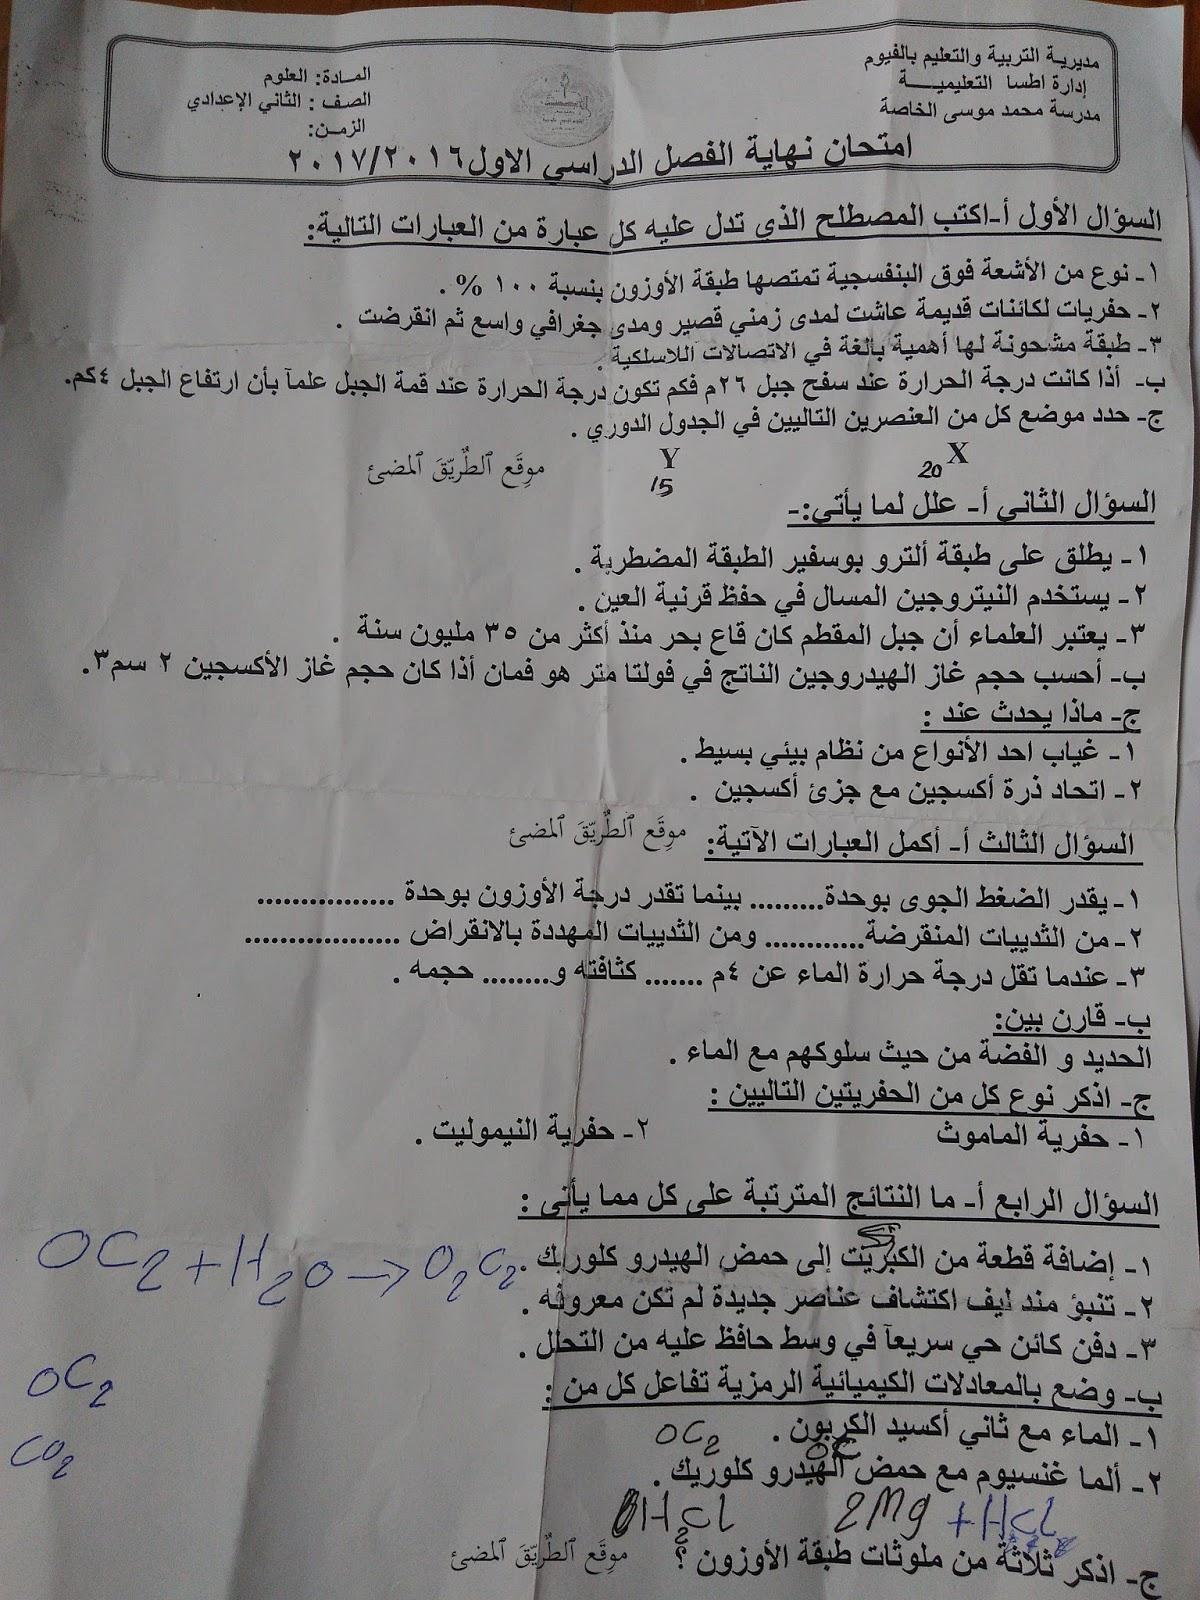 امتحان نصف العام النهائى فى العلوم الصف الثانى الاعدادى الترم الاول 2017 , محافظة الفيوم , مدرسة محد موسى الخاصة